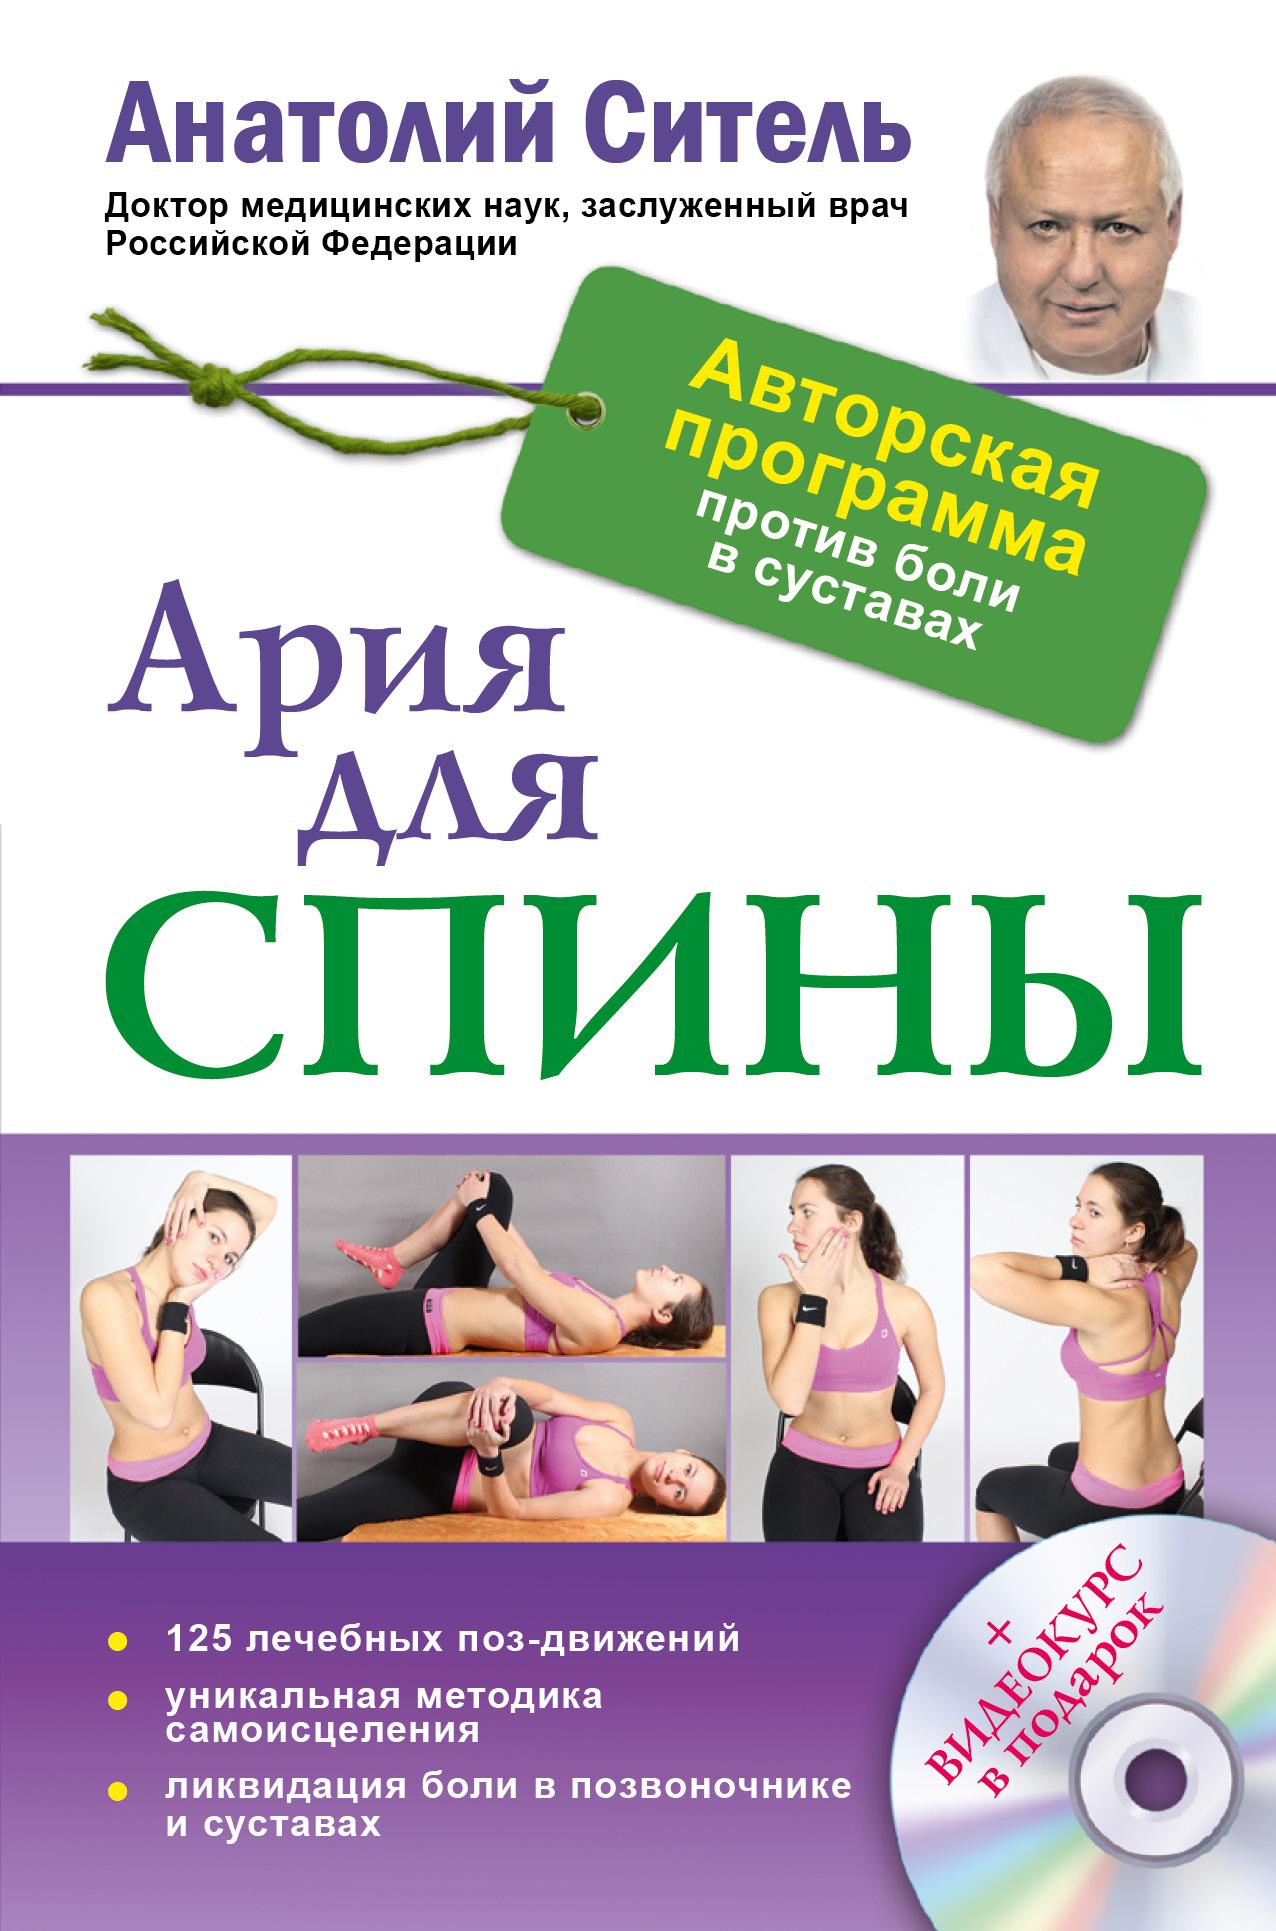 Ситель А. Б Ария для спины. Авторская программа, чтобы никогда не болели суставы + диск анатолий ситель ария для спины авторская программа против боли в суставах